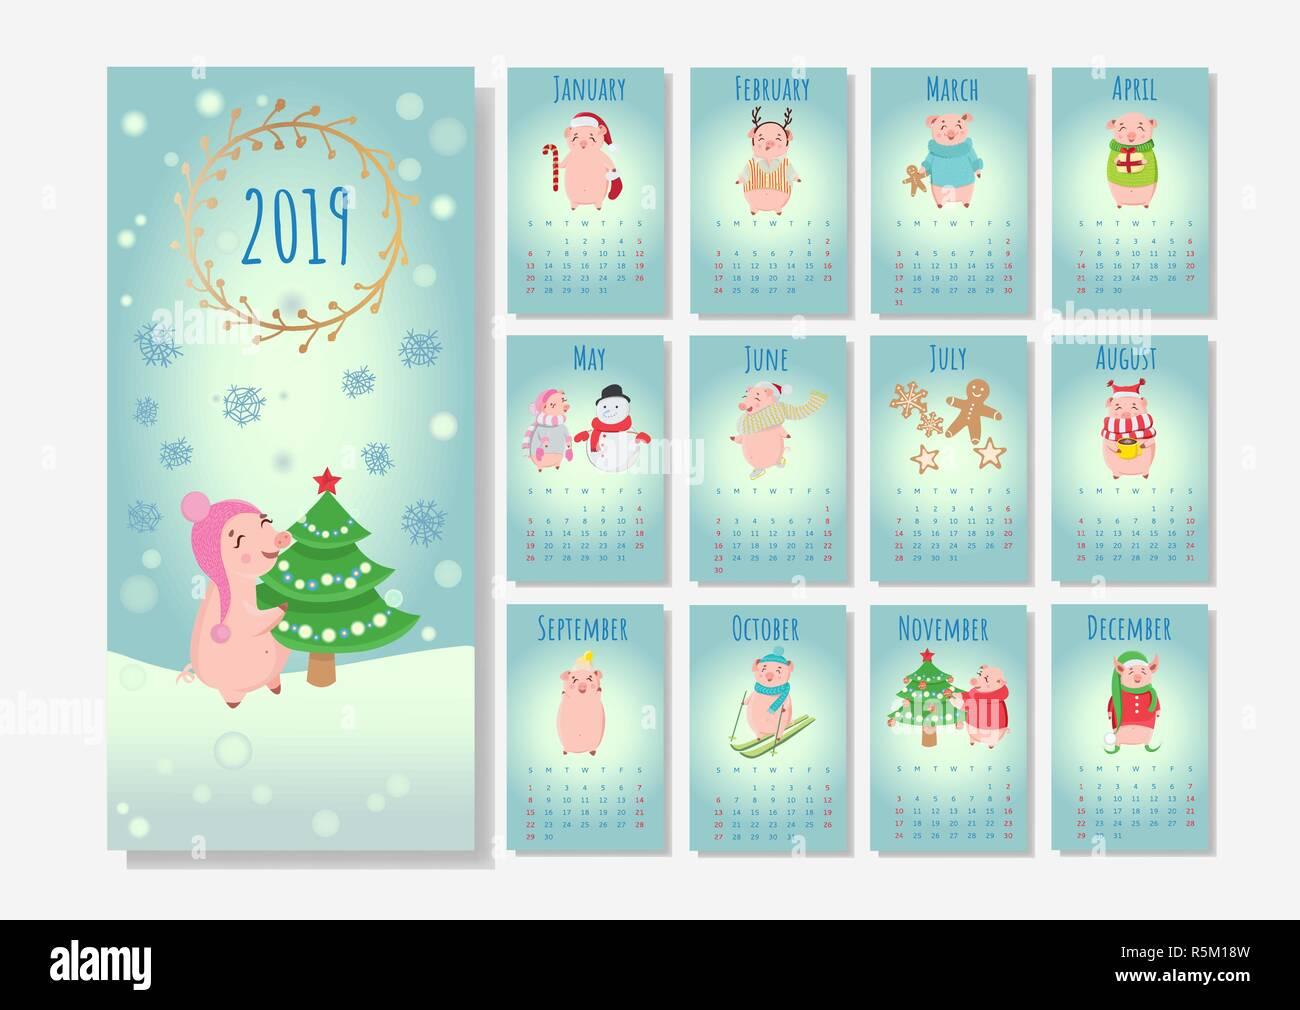 Weihnachten Urlaub 2019.Kalender Mit Weihnachten Ferkel 2019 Winter Urlaub Kalender Für Ihr